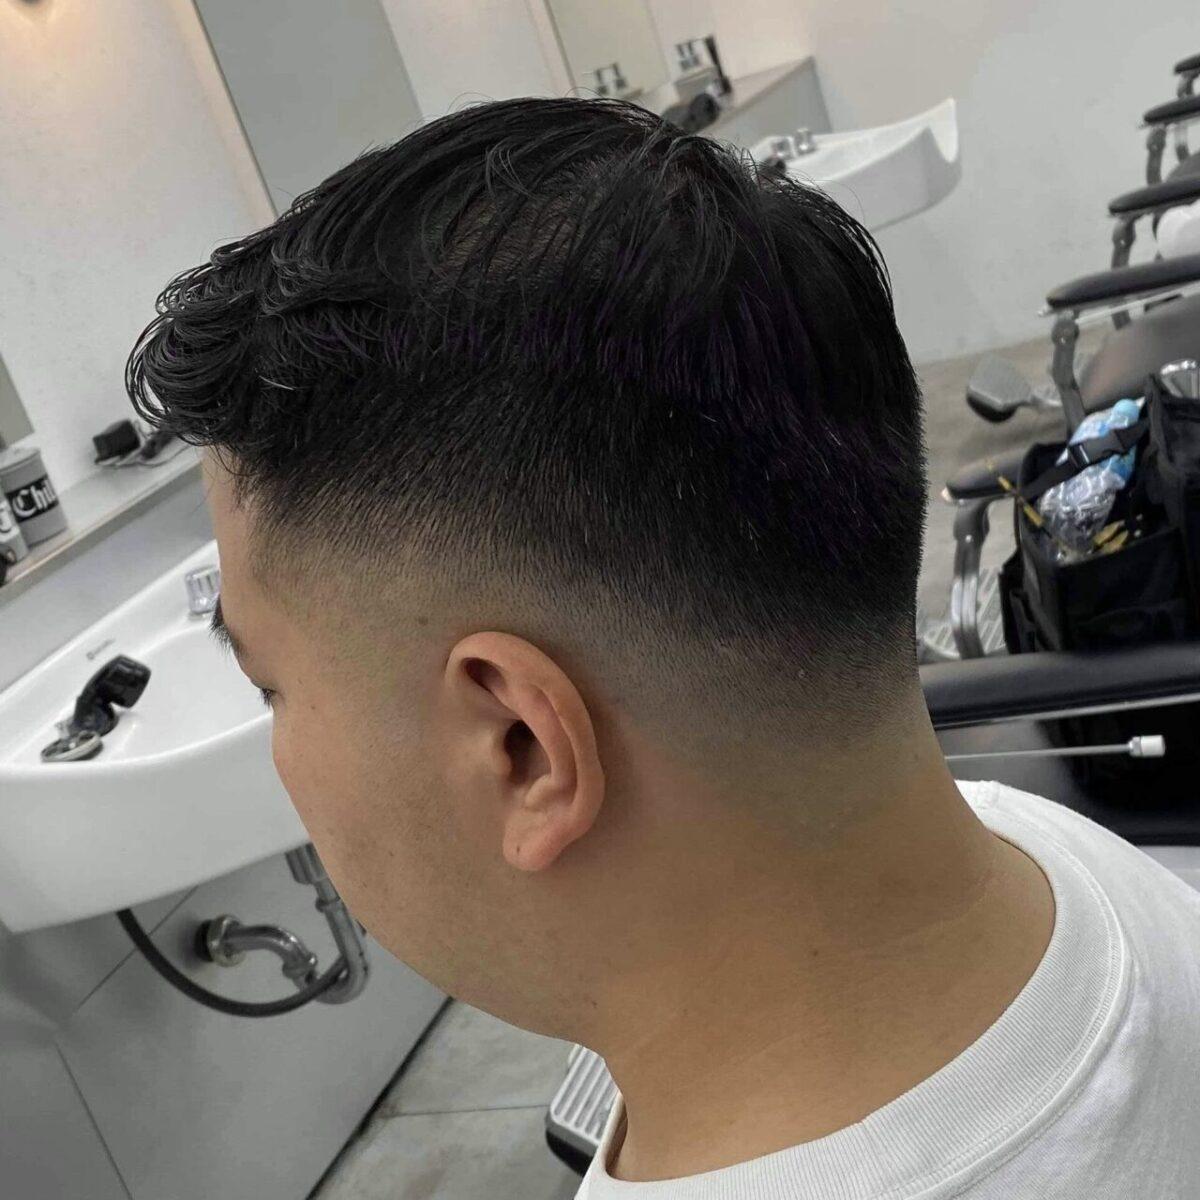 スキンフェードの髪型 薄毛